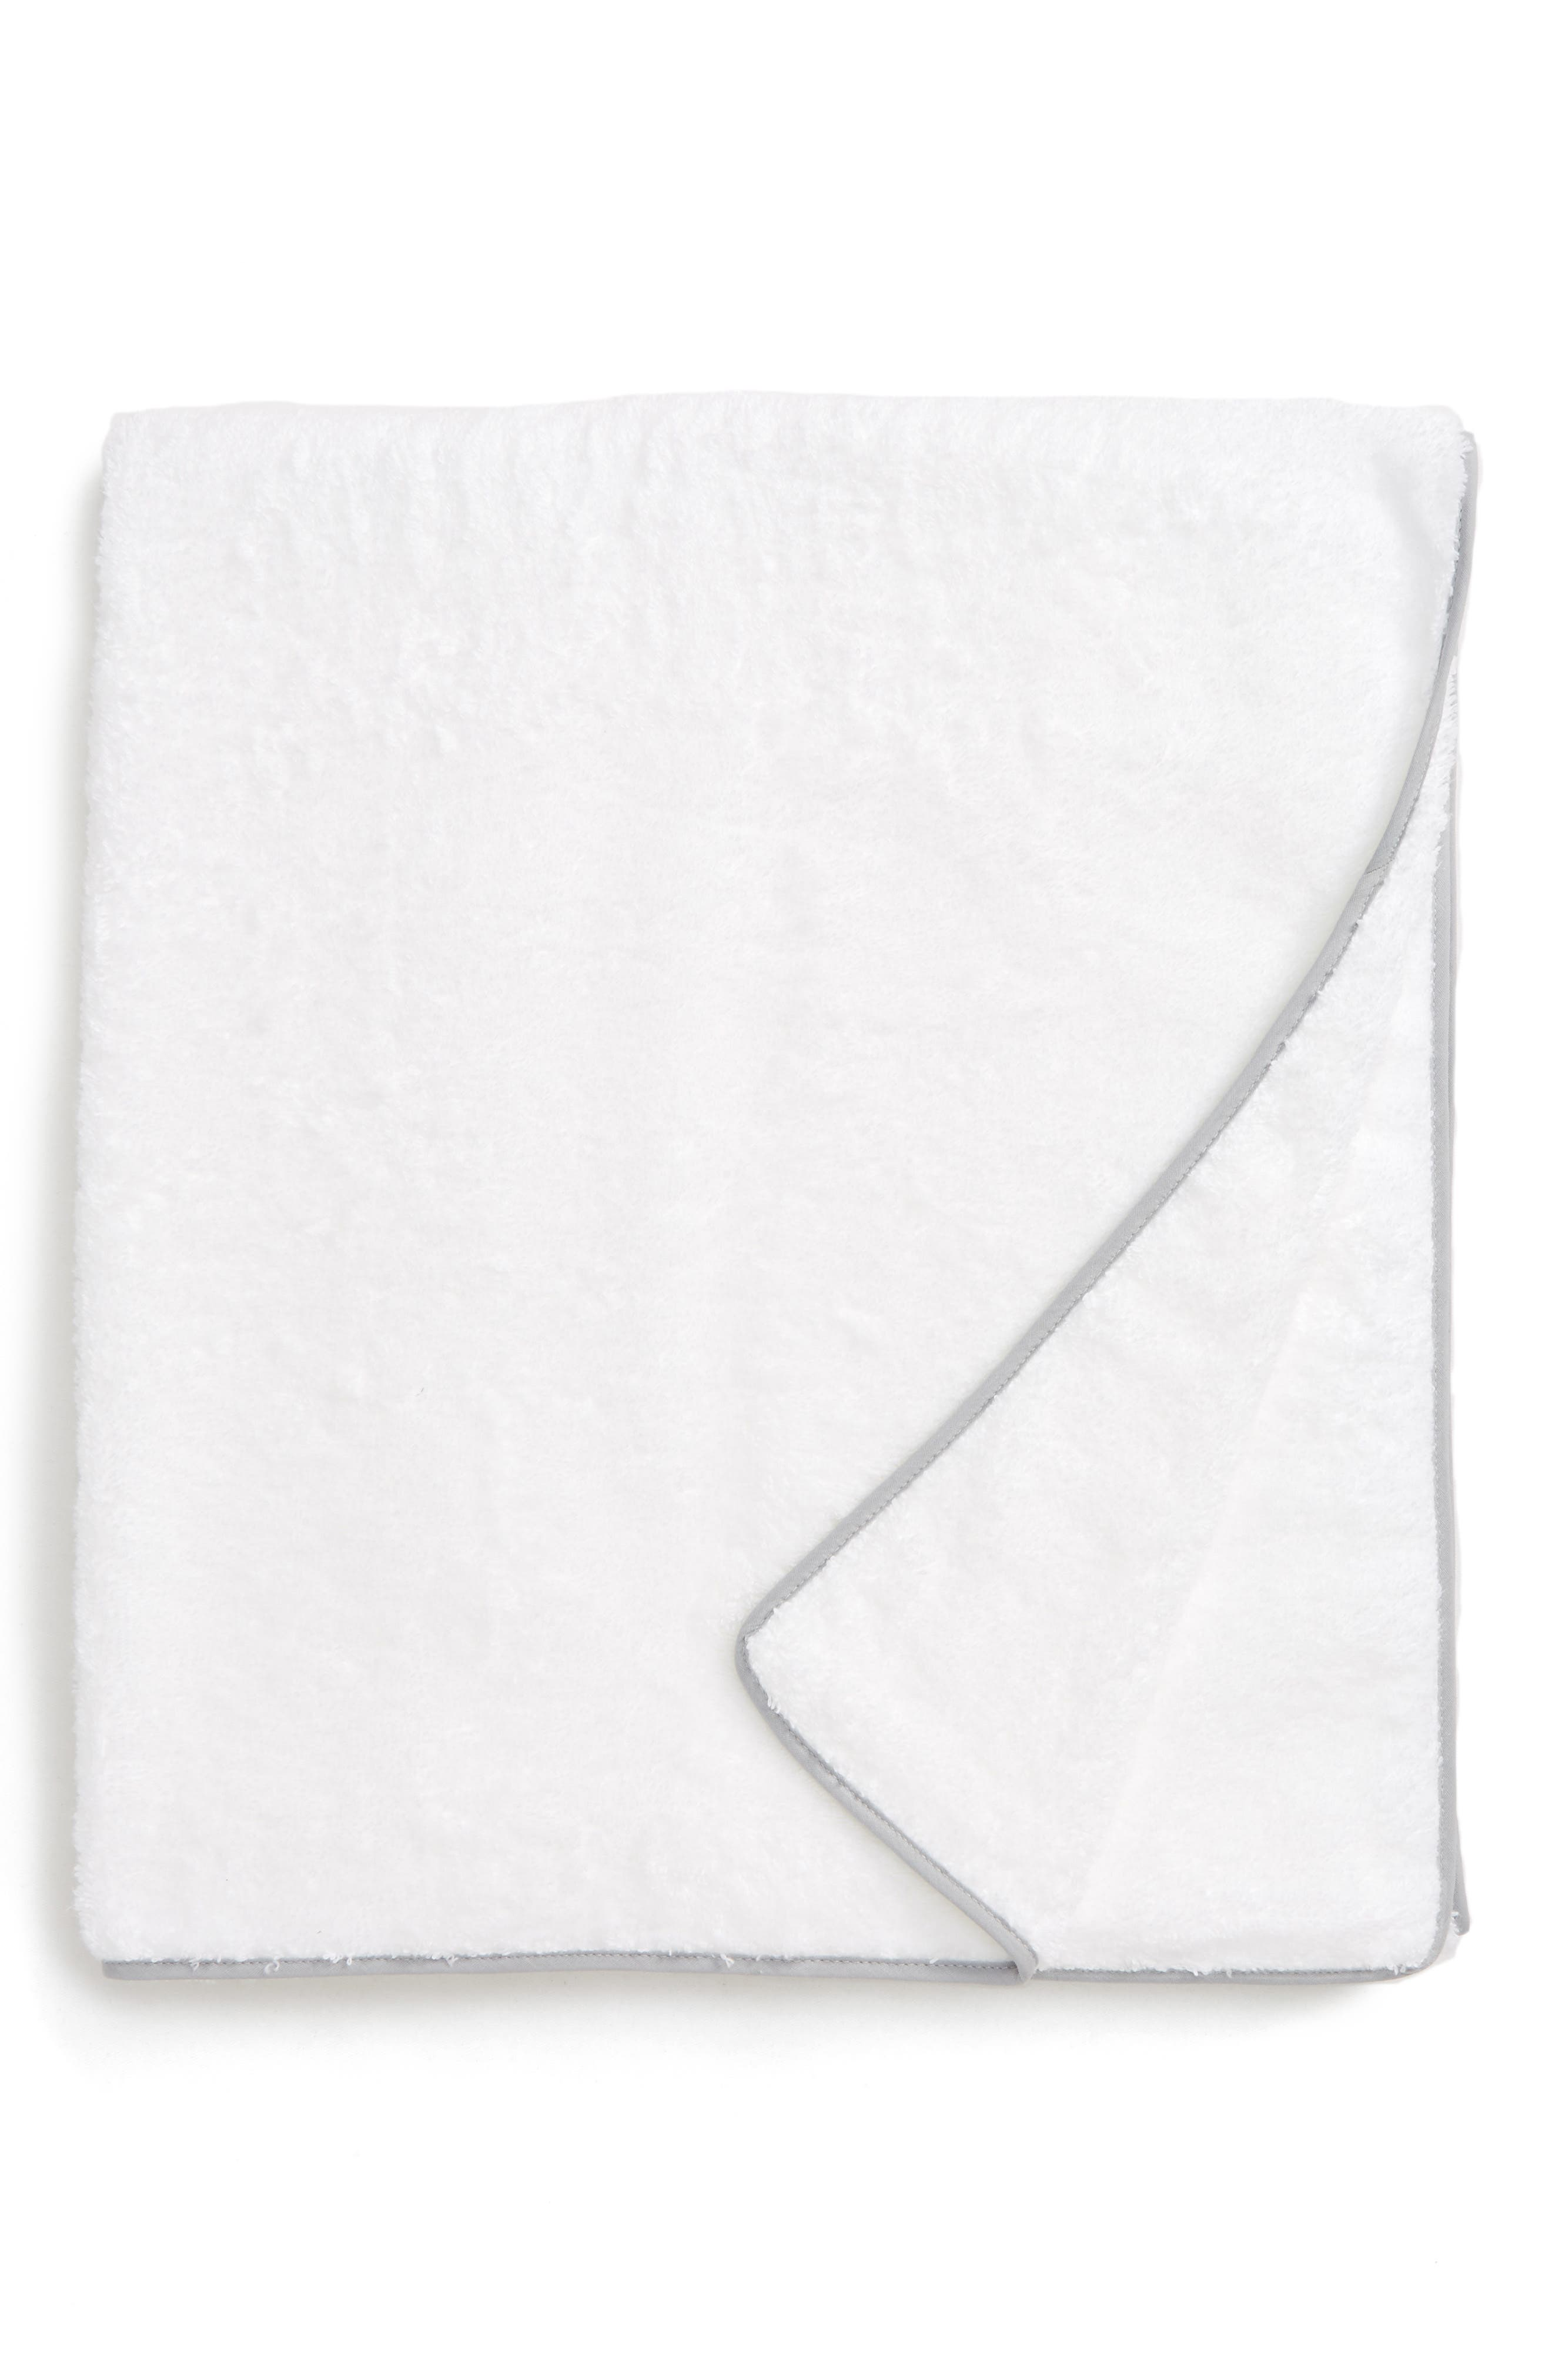 Cairo Bath Towel,                         Main,                         color, Silver